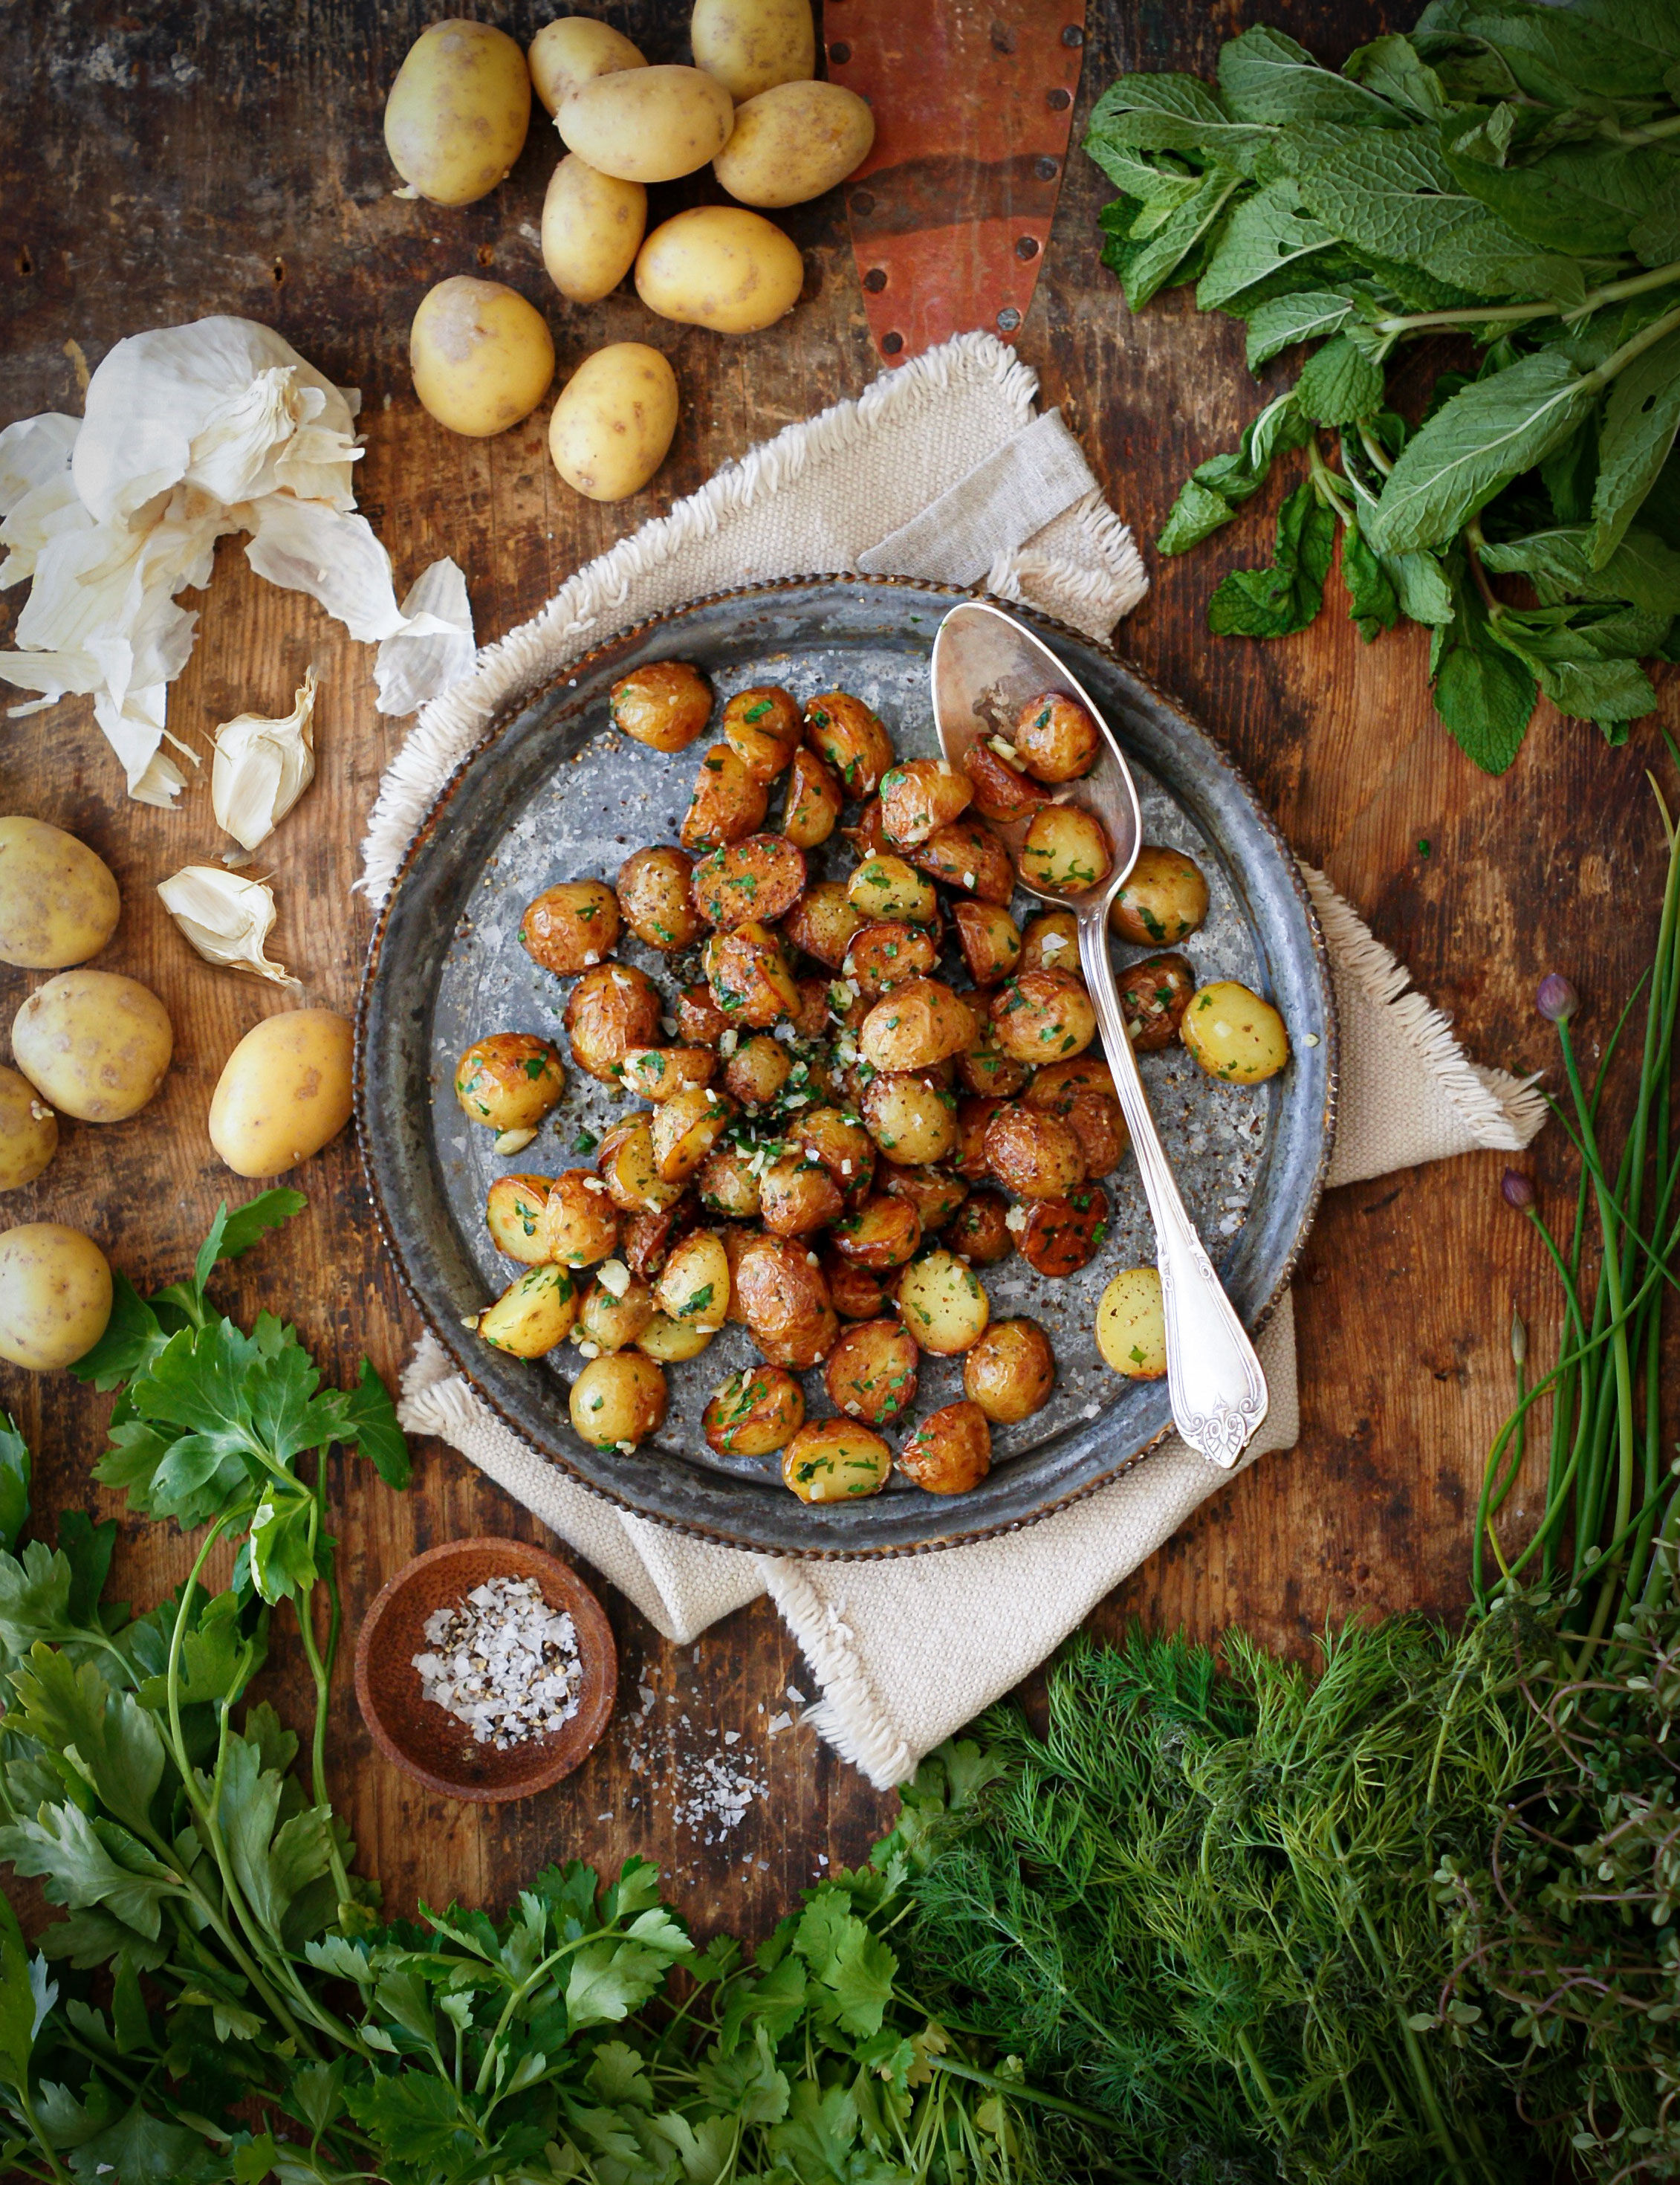 Smörstekt potatis med vitlök och persilja på ett fat på ett träbord med massa färska örter